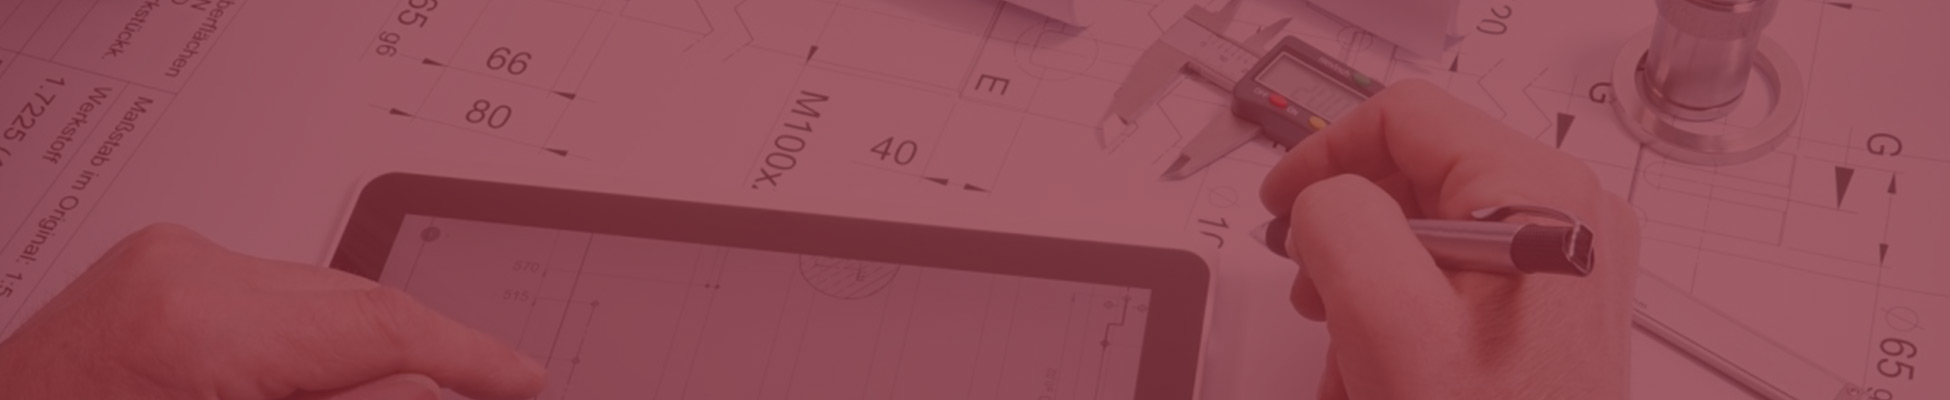 Tablet, Planungsunterlagen und Messschieber auf einem Tisch